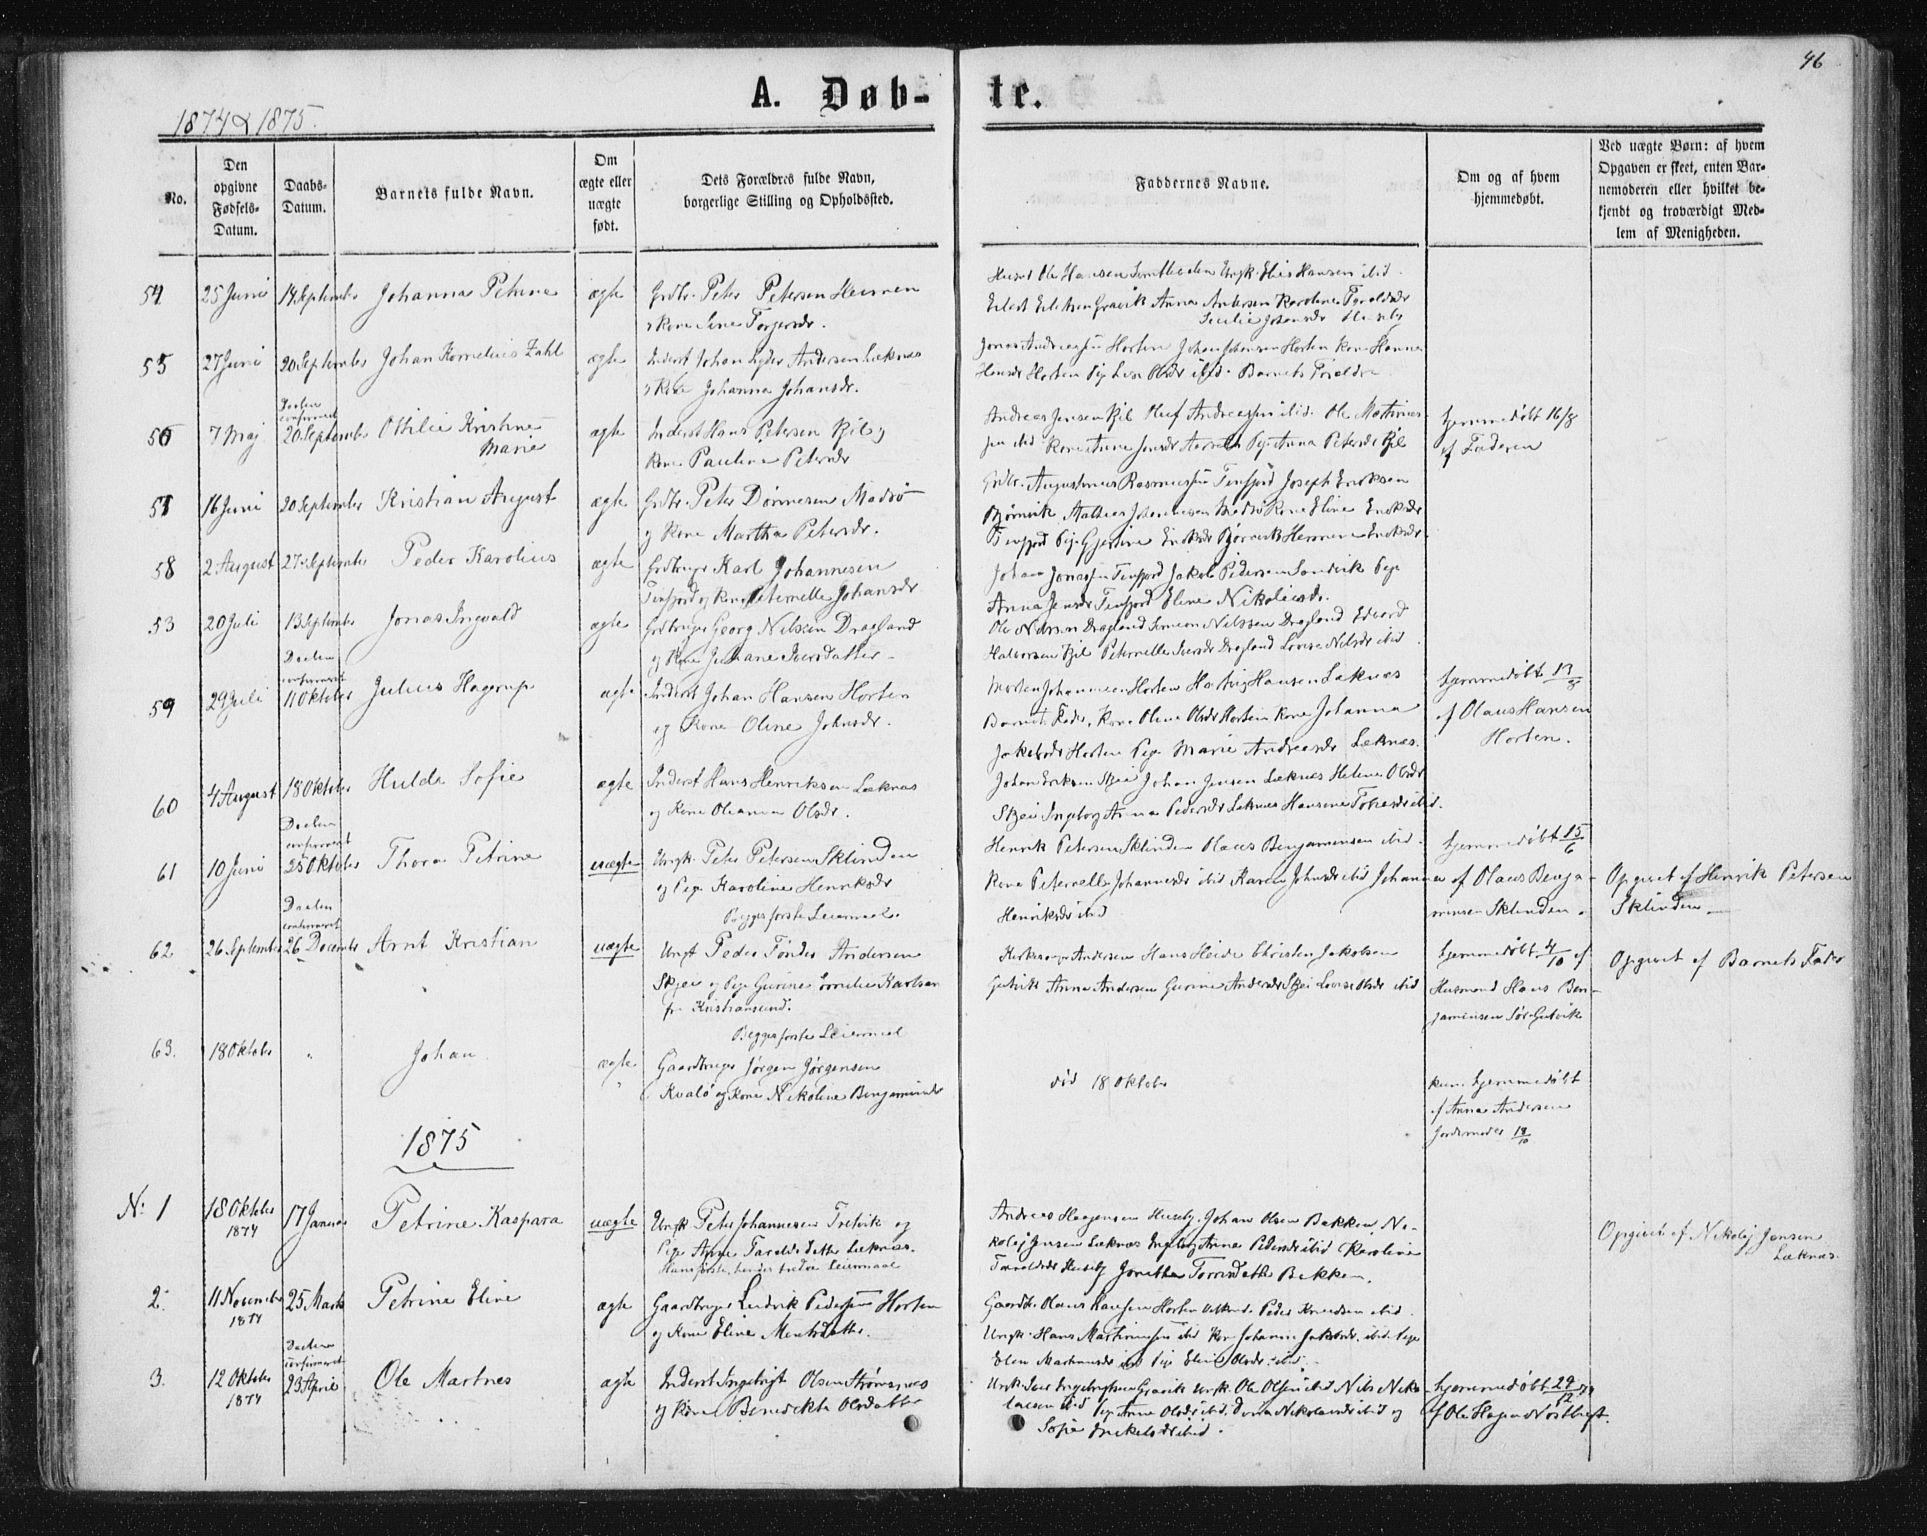 SAT, Ministerialprotokoller, klokkerbøker og fødselsregistre - Nord-Trøndelag, 788/L0696: Ministerialbok nr. 788A03, 1863-1877, s. 46